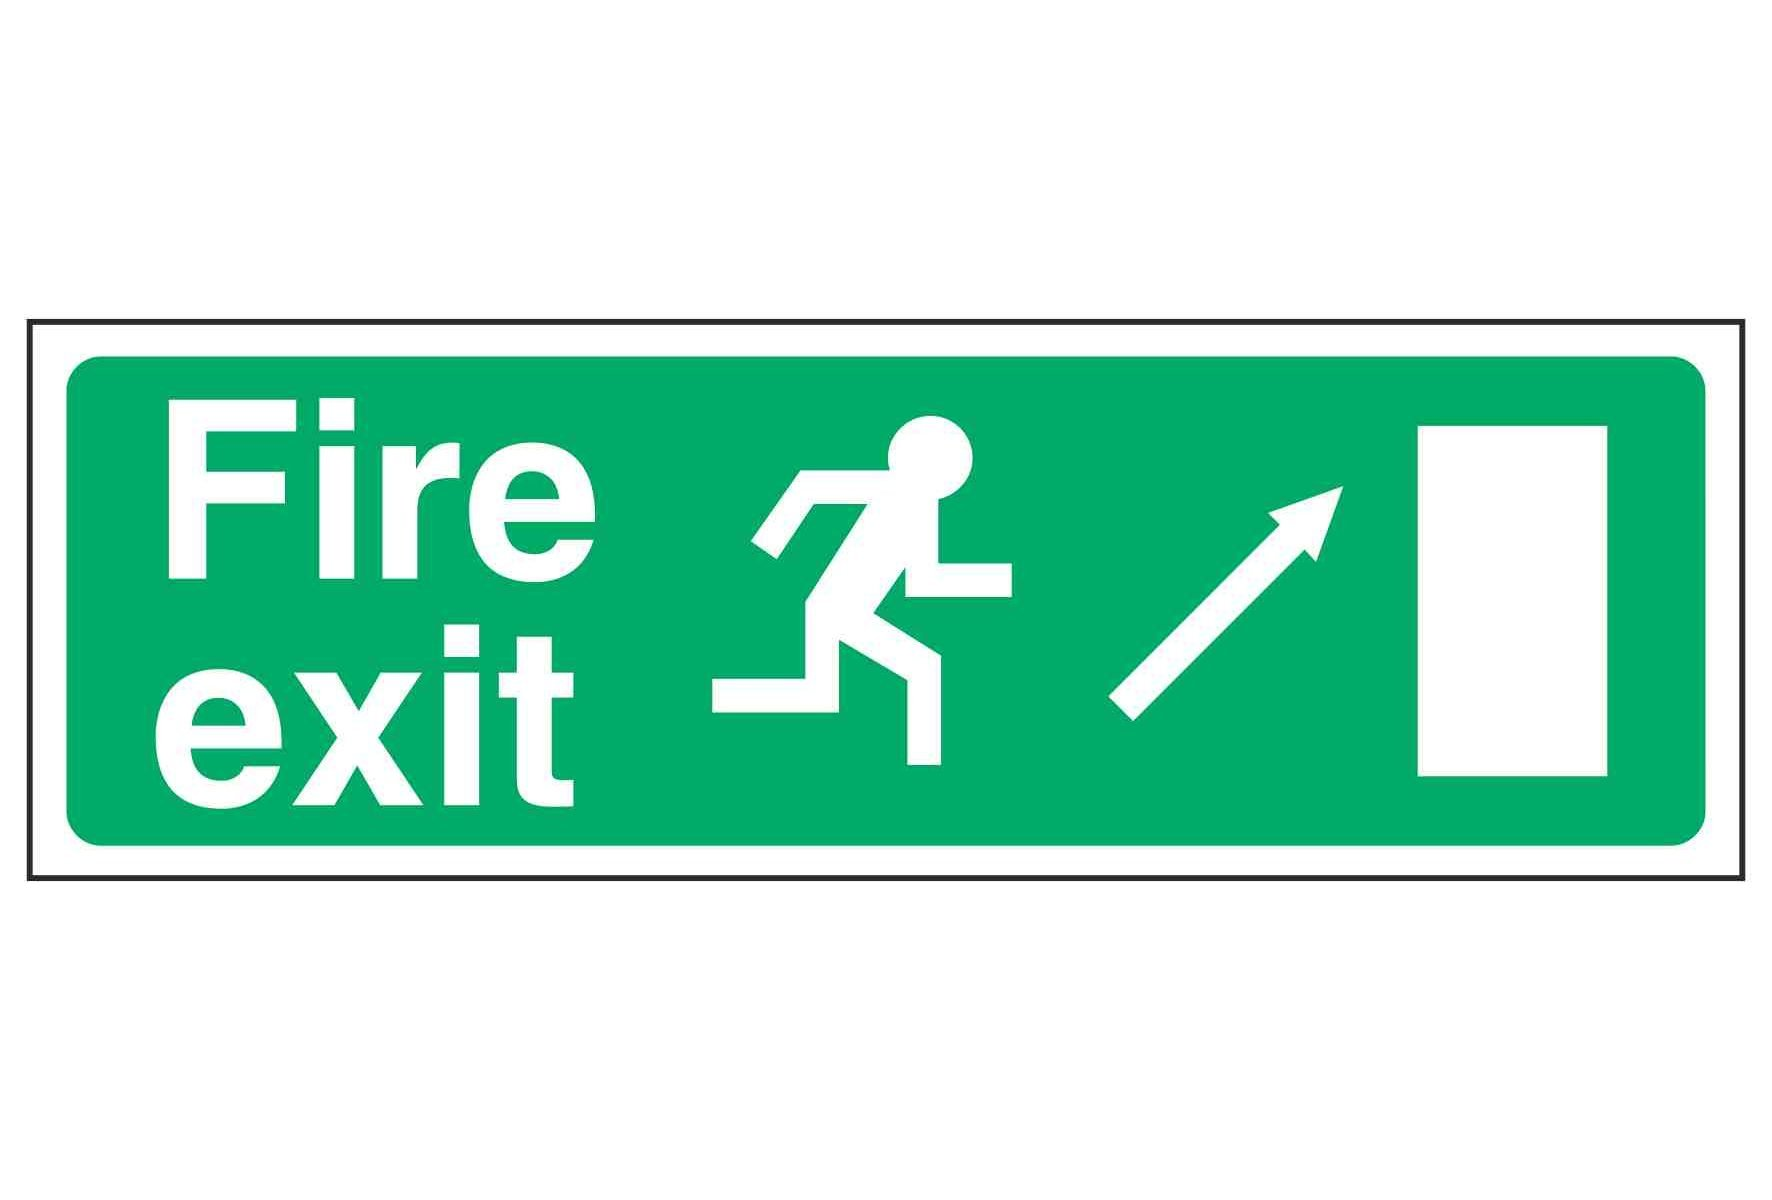 Fire exit / Running Man Right / Arrow Up Right - EEC 92/58